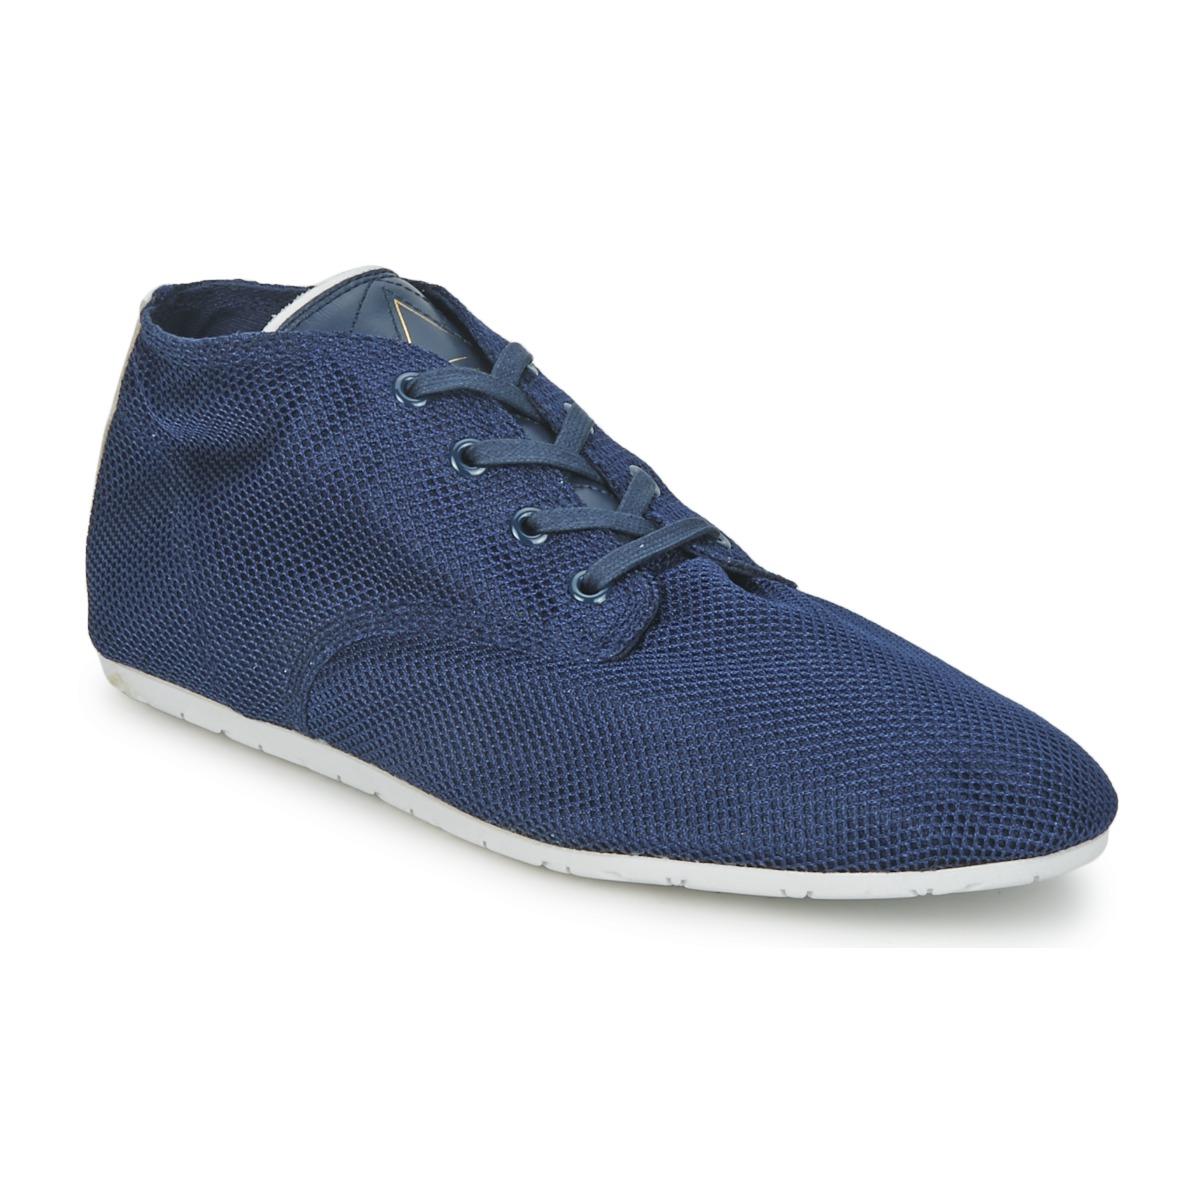 Eleven Paris BASIC MATERIALS Marine - Kostenloser Versand bei Spartoode ! - Schuhe Sneaker High  37,00 €